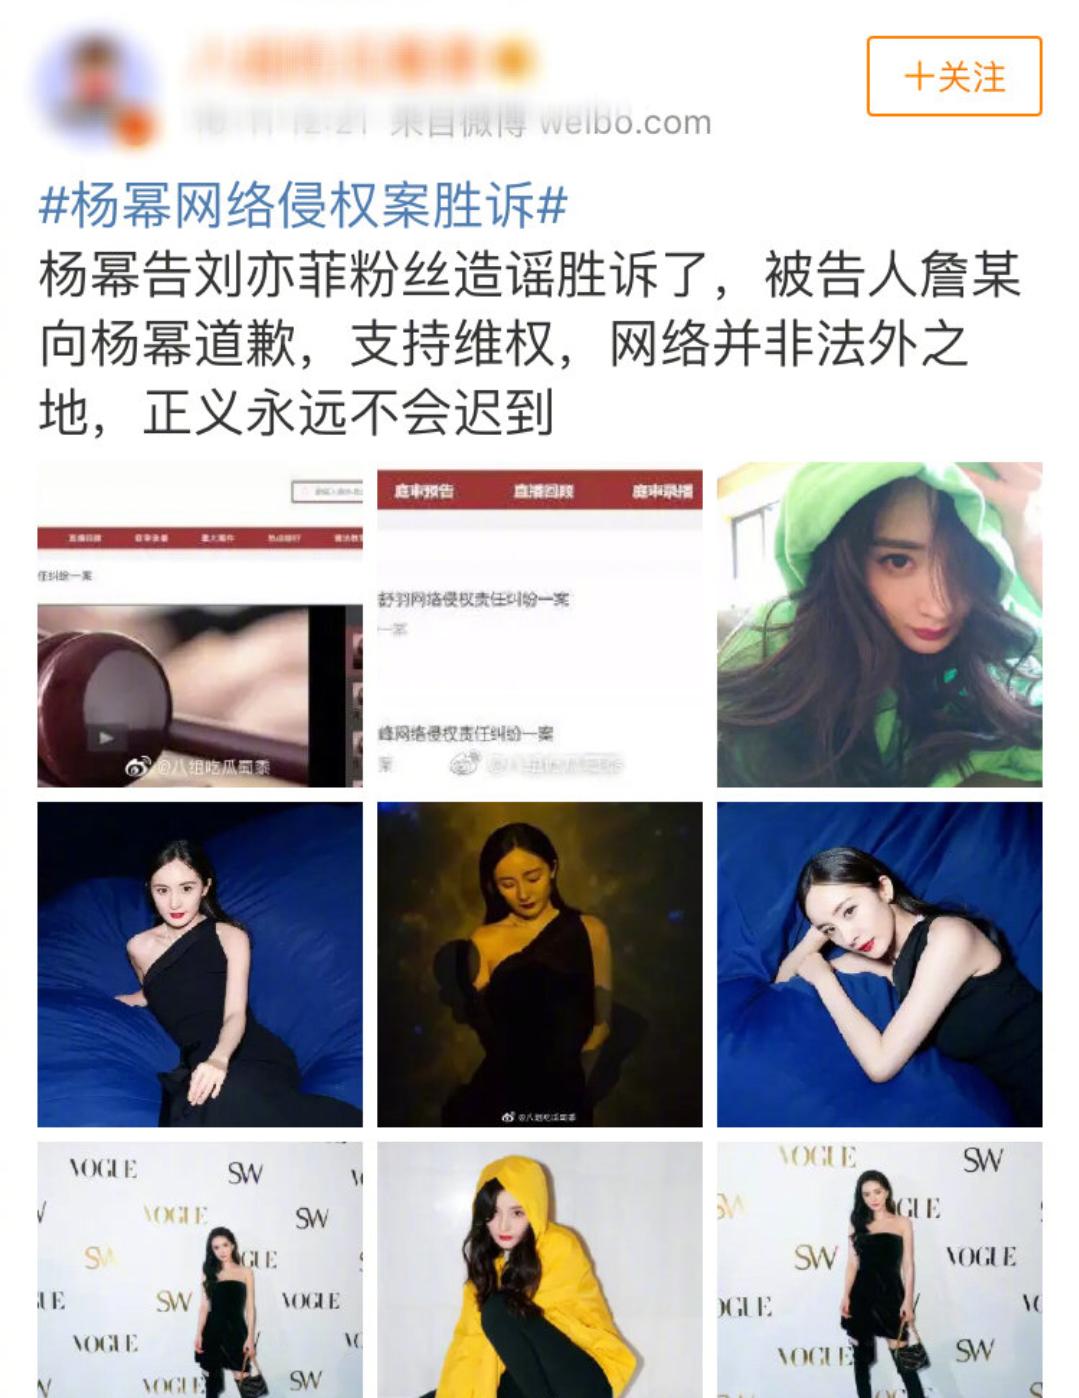 <b>杨幂网络侵权案胜诉被告人当庭致歉官方辟谣:目前未作出判决</b>